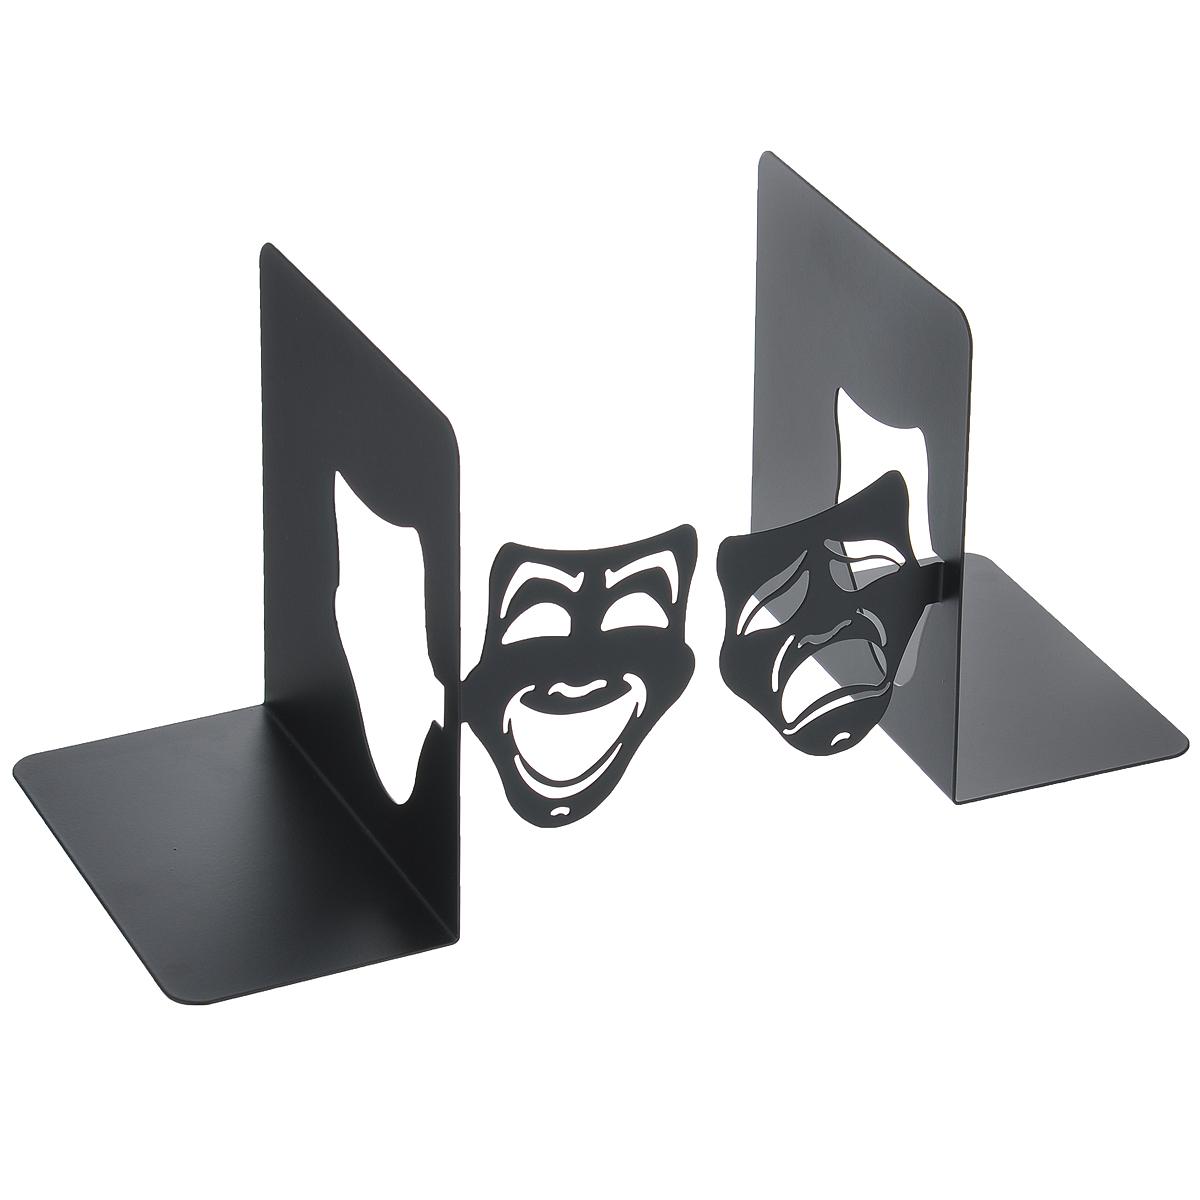 Декоративная подставка-ограничитель для книг Феникс-презент Маски, 2 шт подставка ограничитель для книг купола